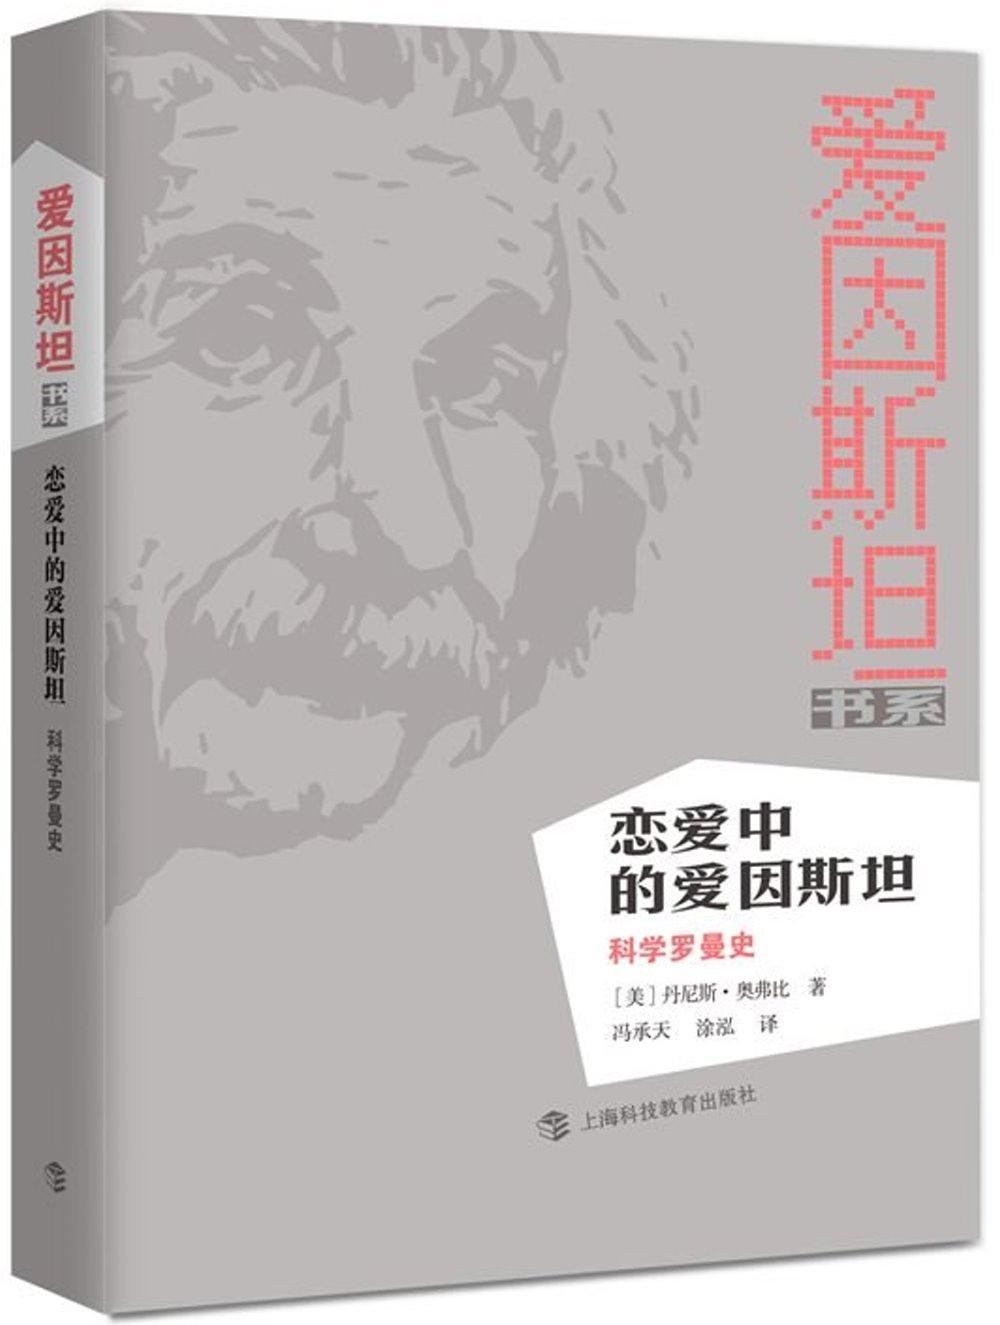 戀愛中的愛因斯坦:科學羅曼史